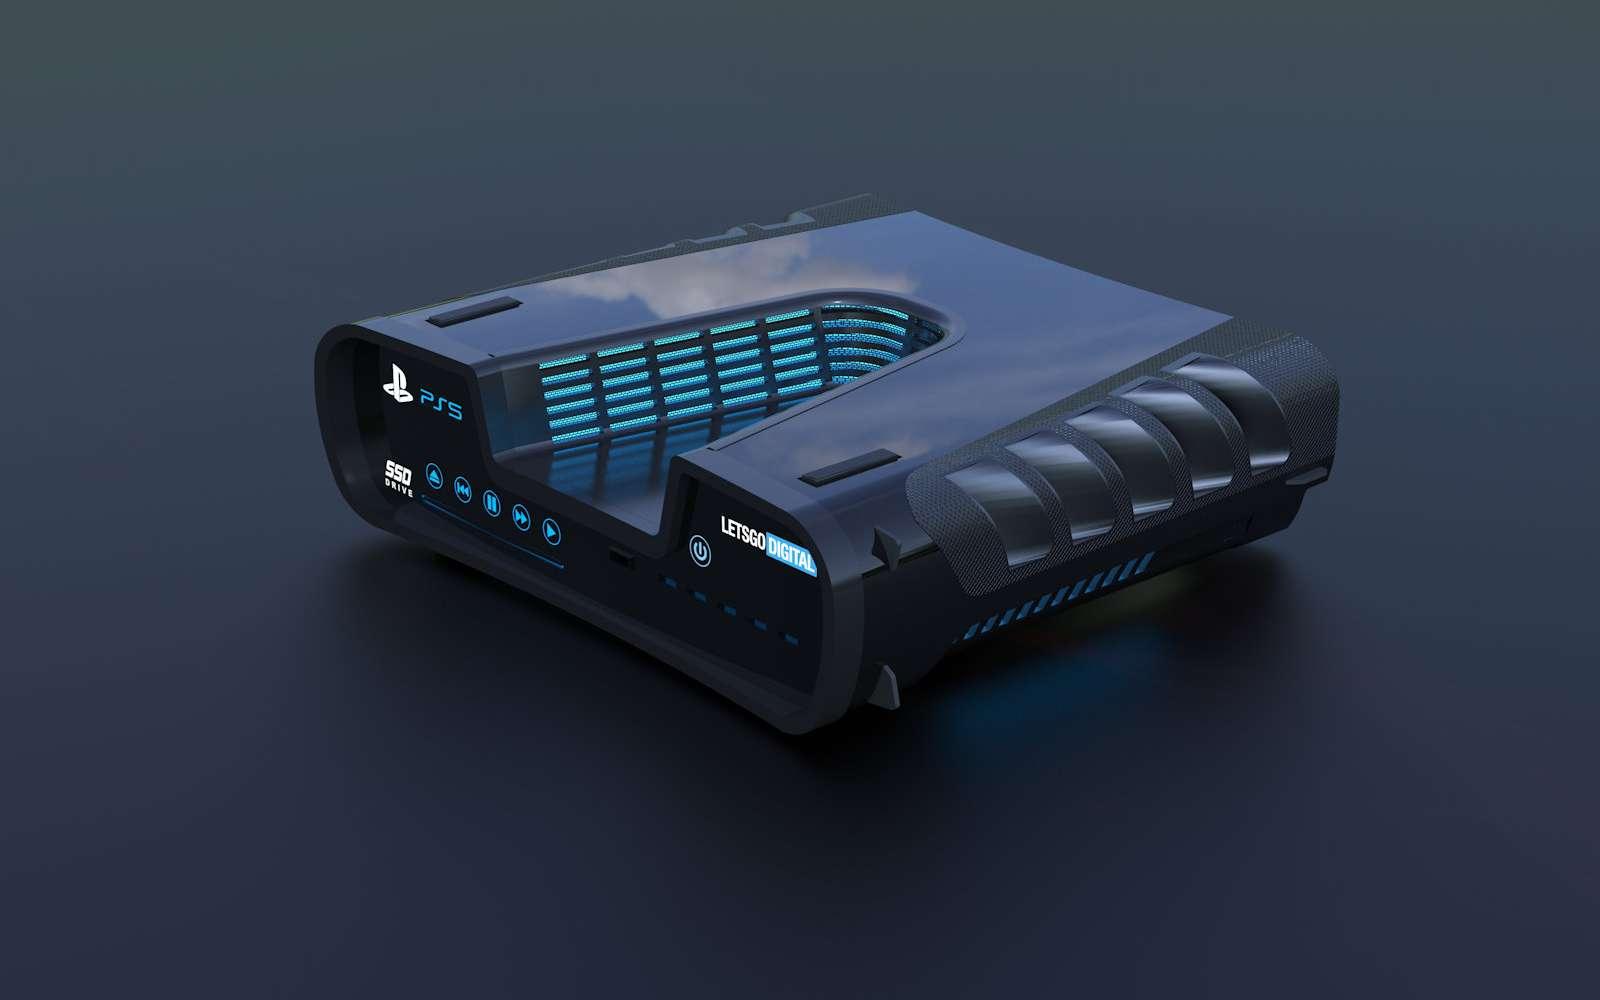 La PS5 marquera un tournant dans l'histoire des consoles de jeu avec un design qui s'annonce révolutionnaire. © LetsGoDigital